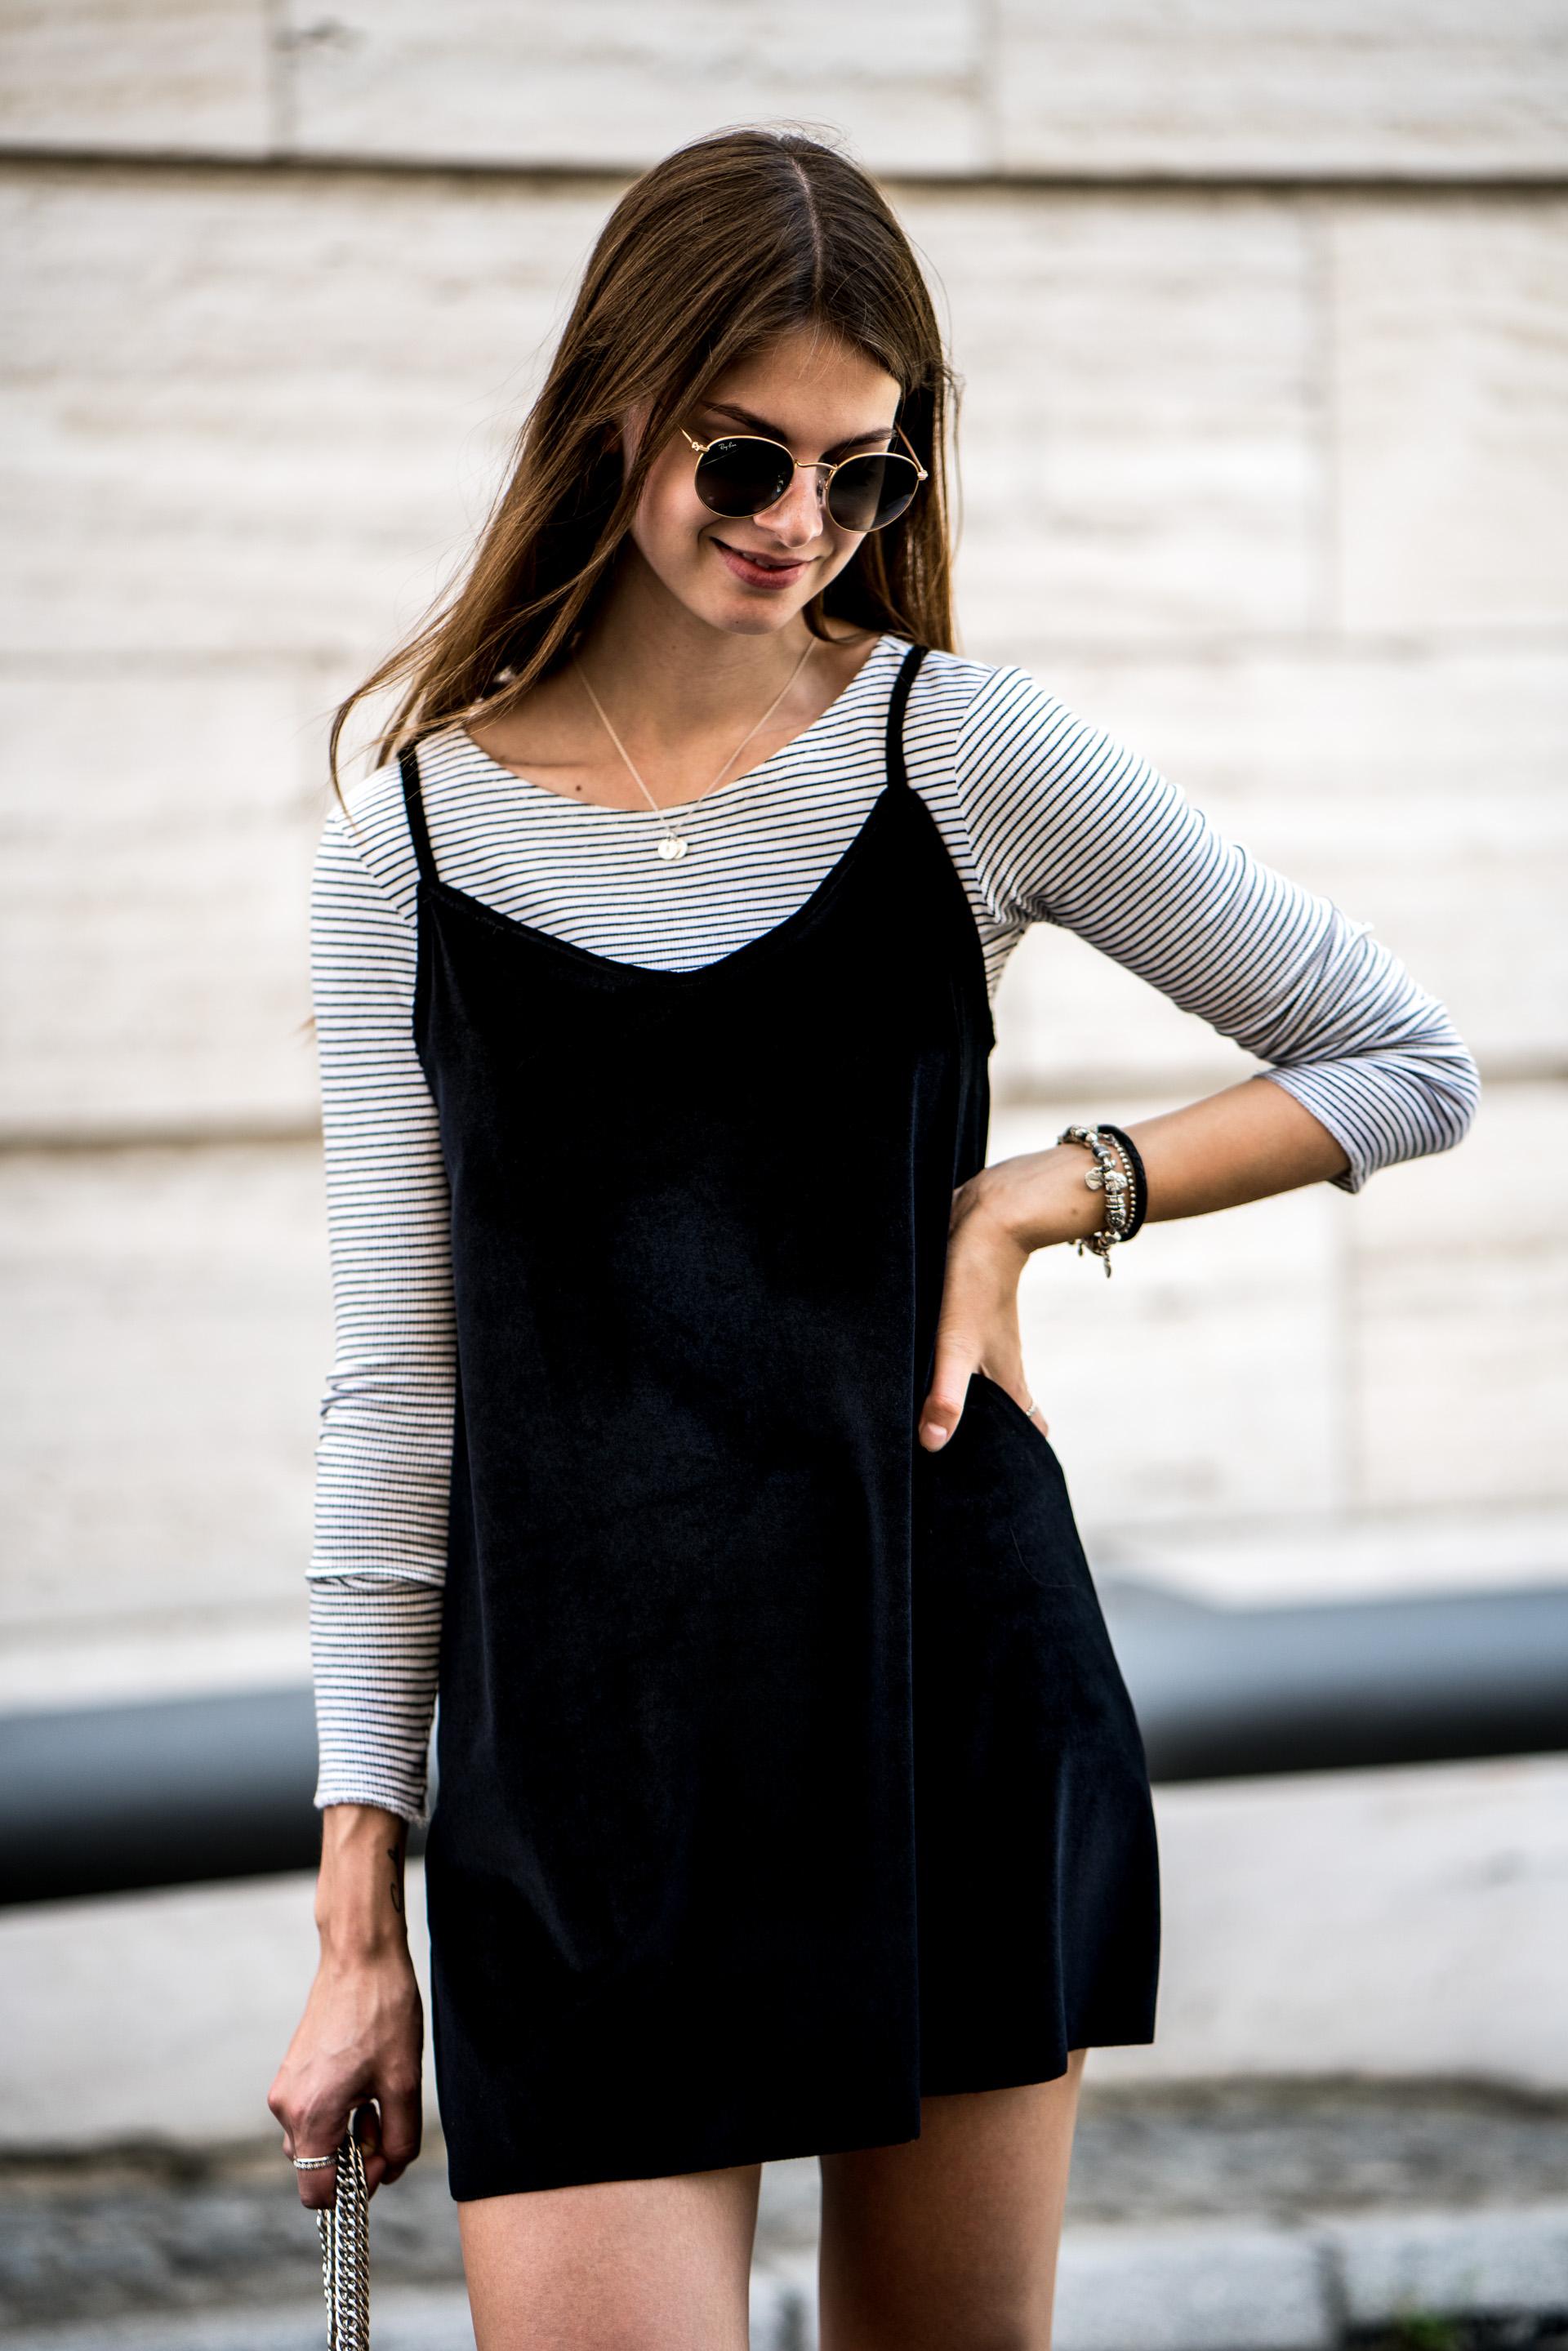 Schwarzes kleid mit shirt drunter